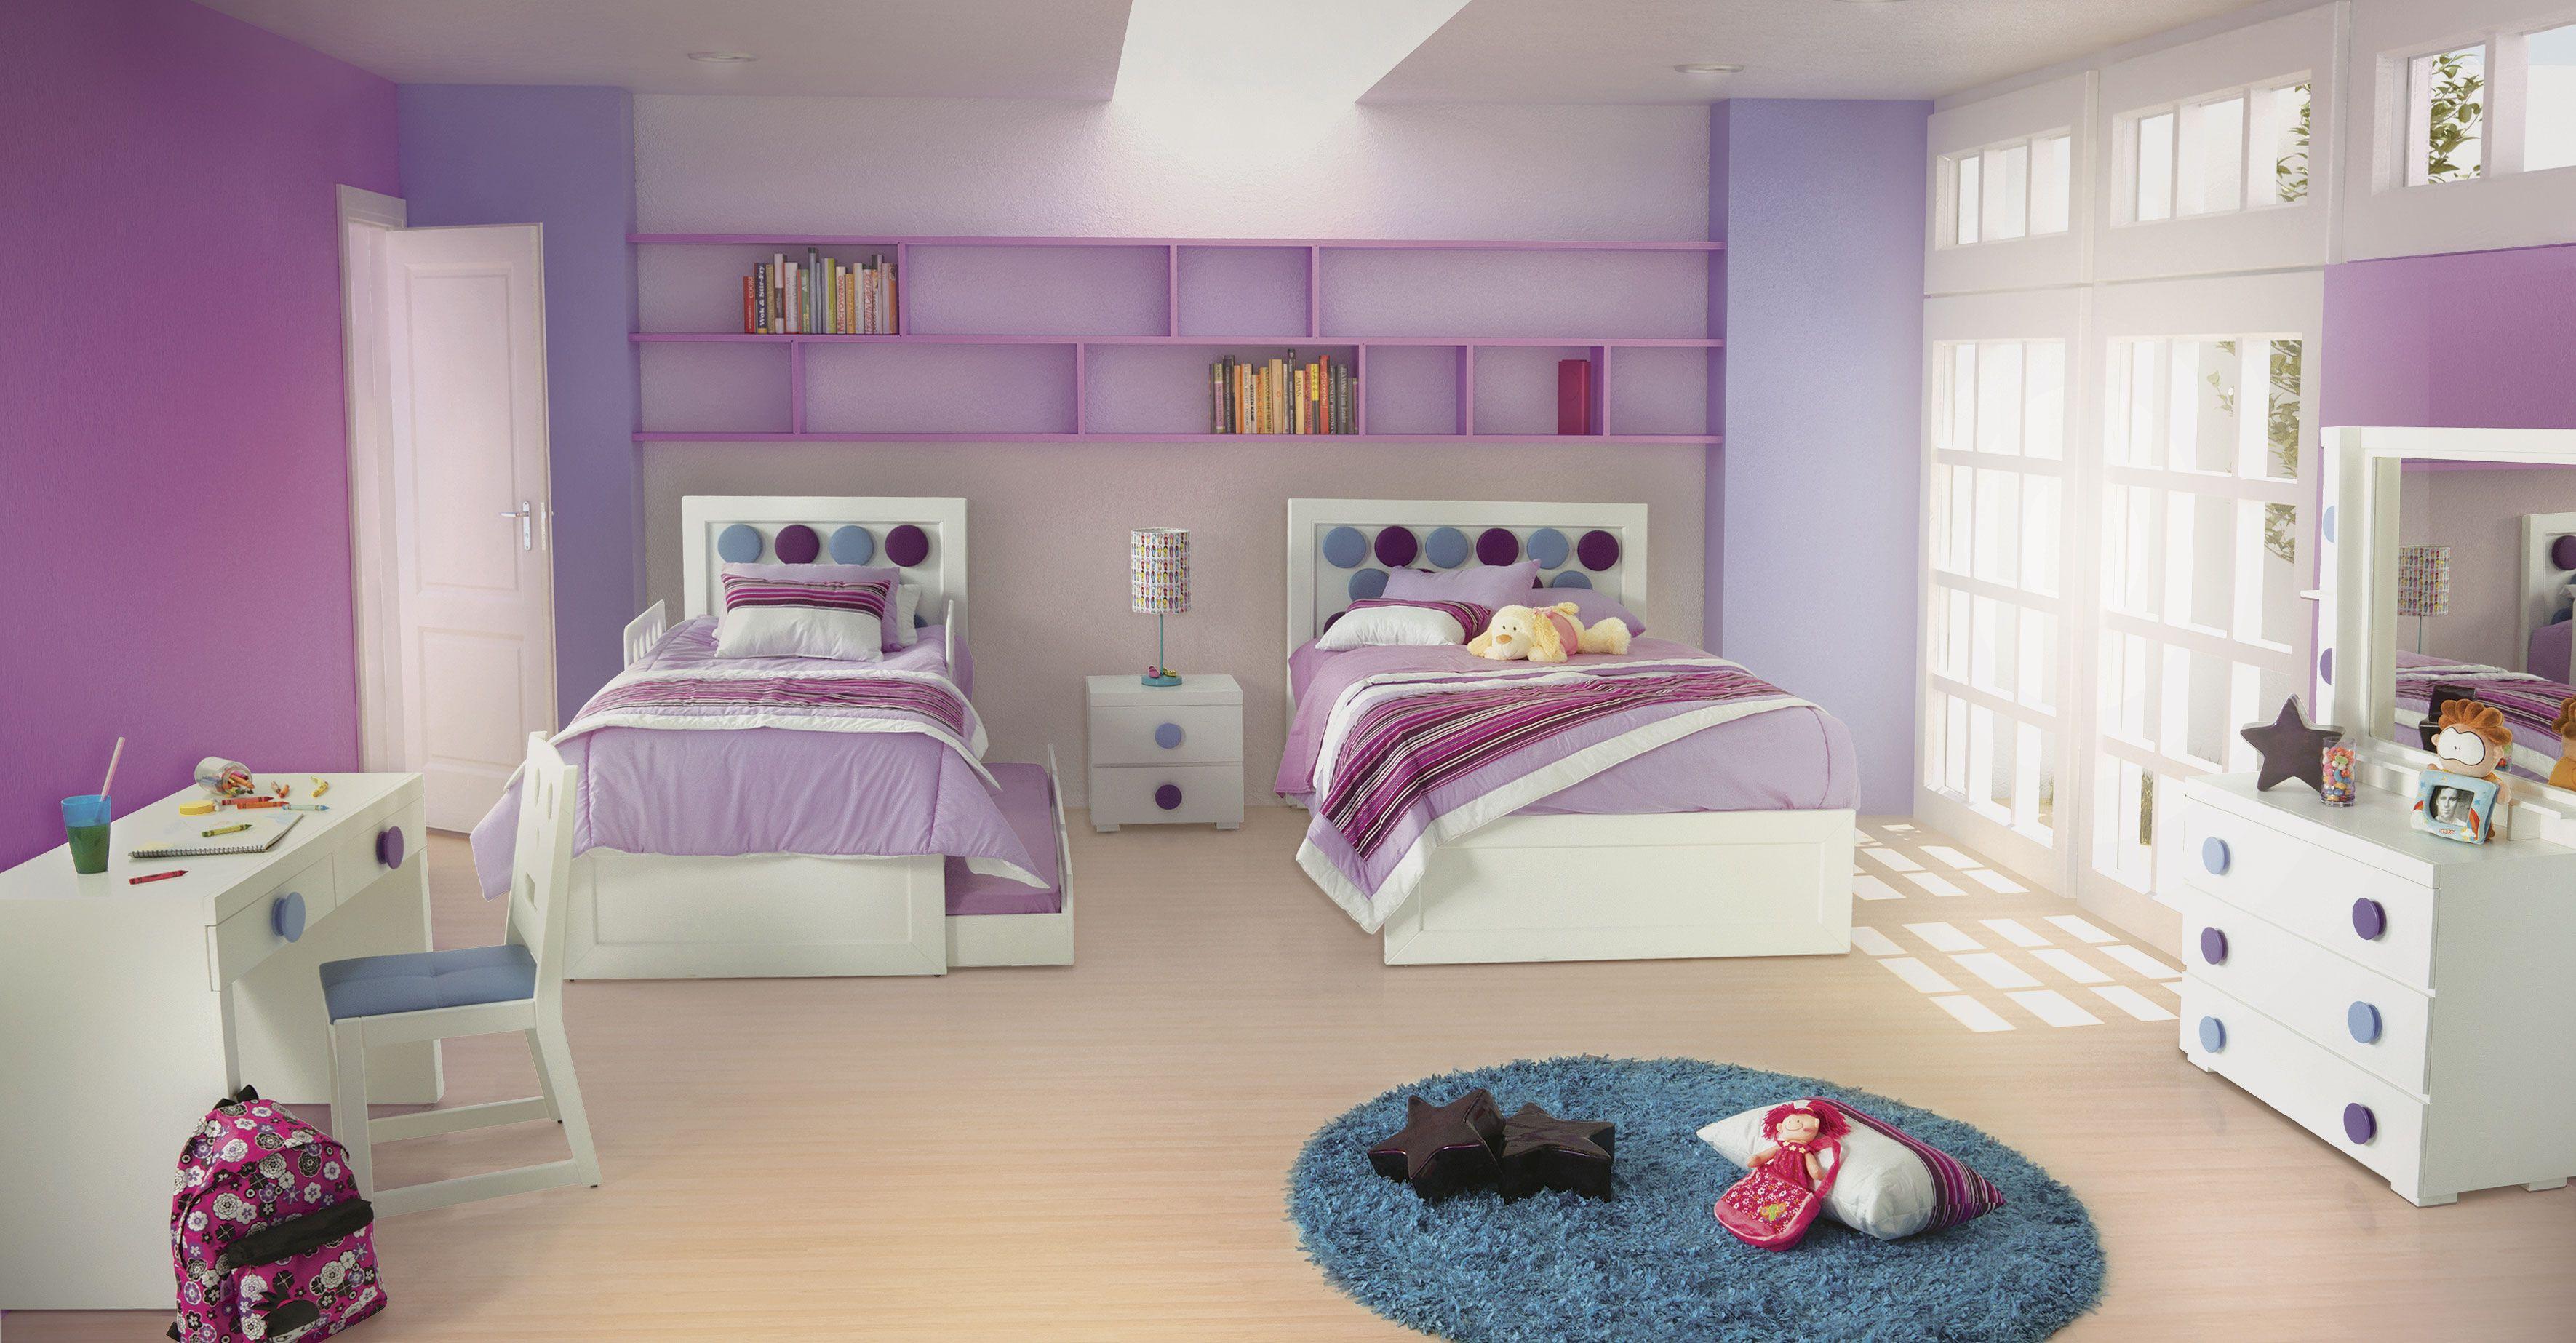 Recamara bambinos placencia muebles para los ni os - Muebles bombay ...